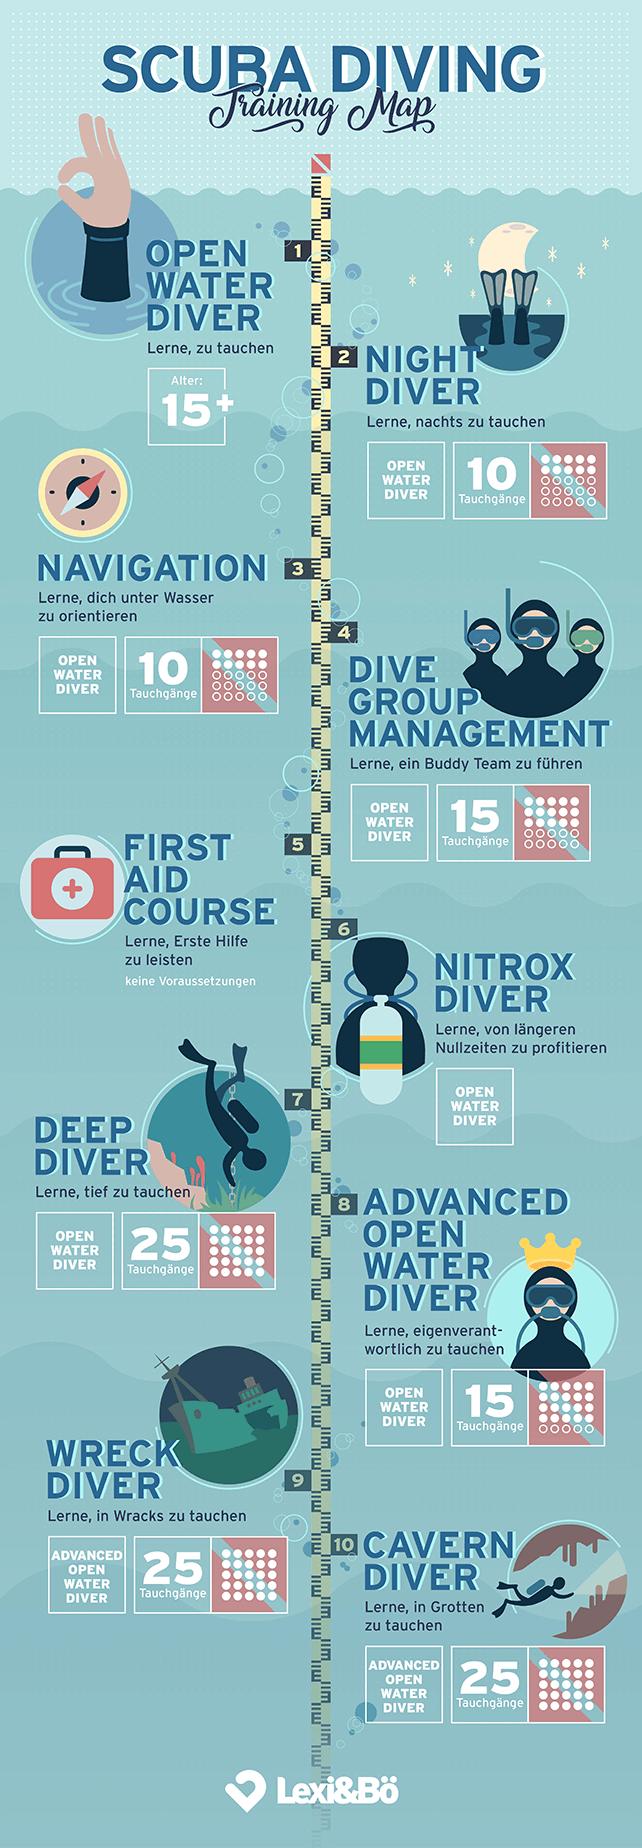 Tauchkurse und Tauchscheine Scuba Diving Training Map von Lexi&Bö